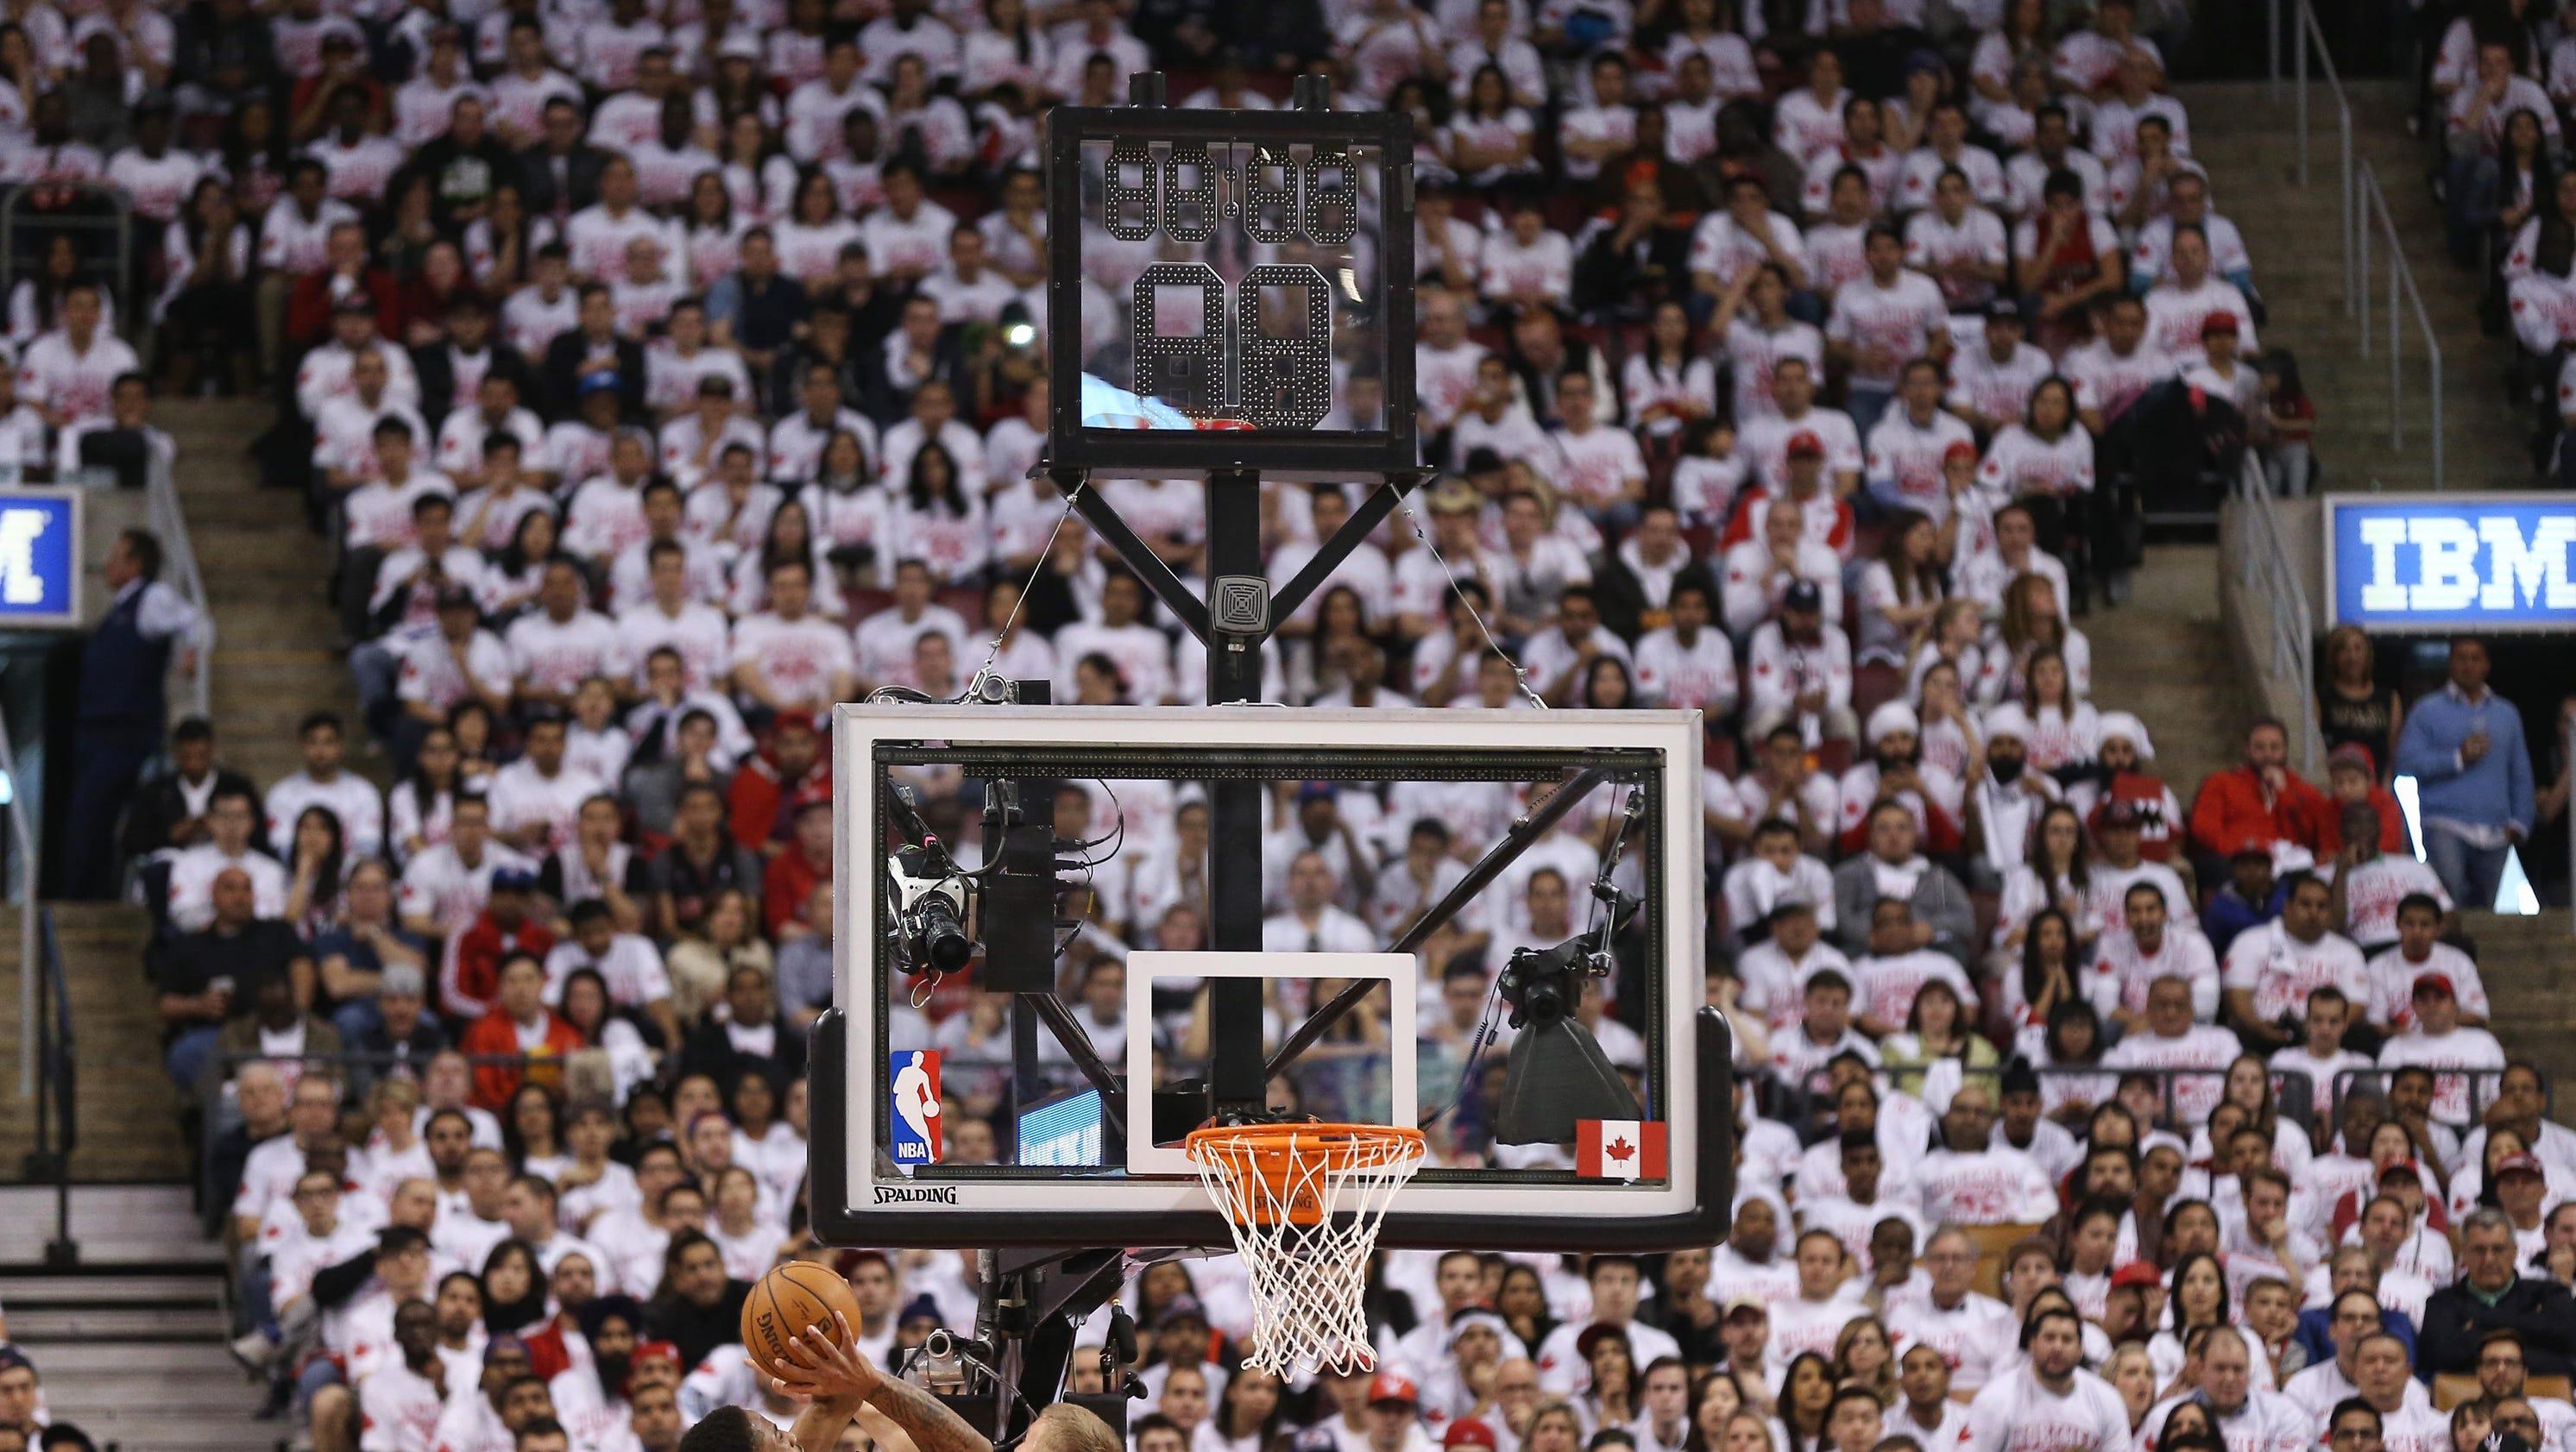 ESPN caused shot clock malfunction in Raptors-Nets